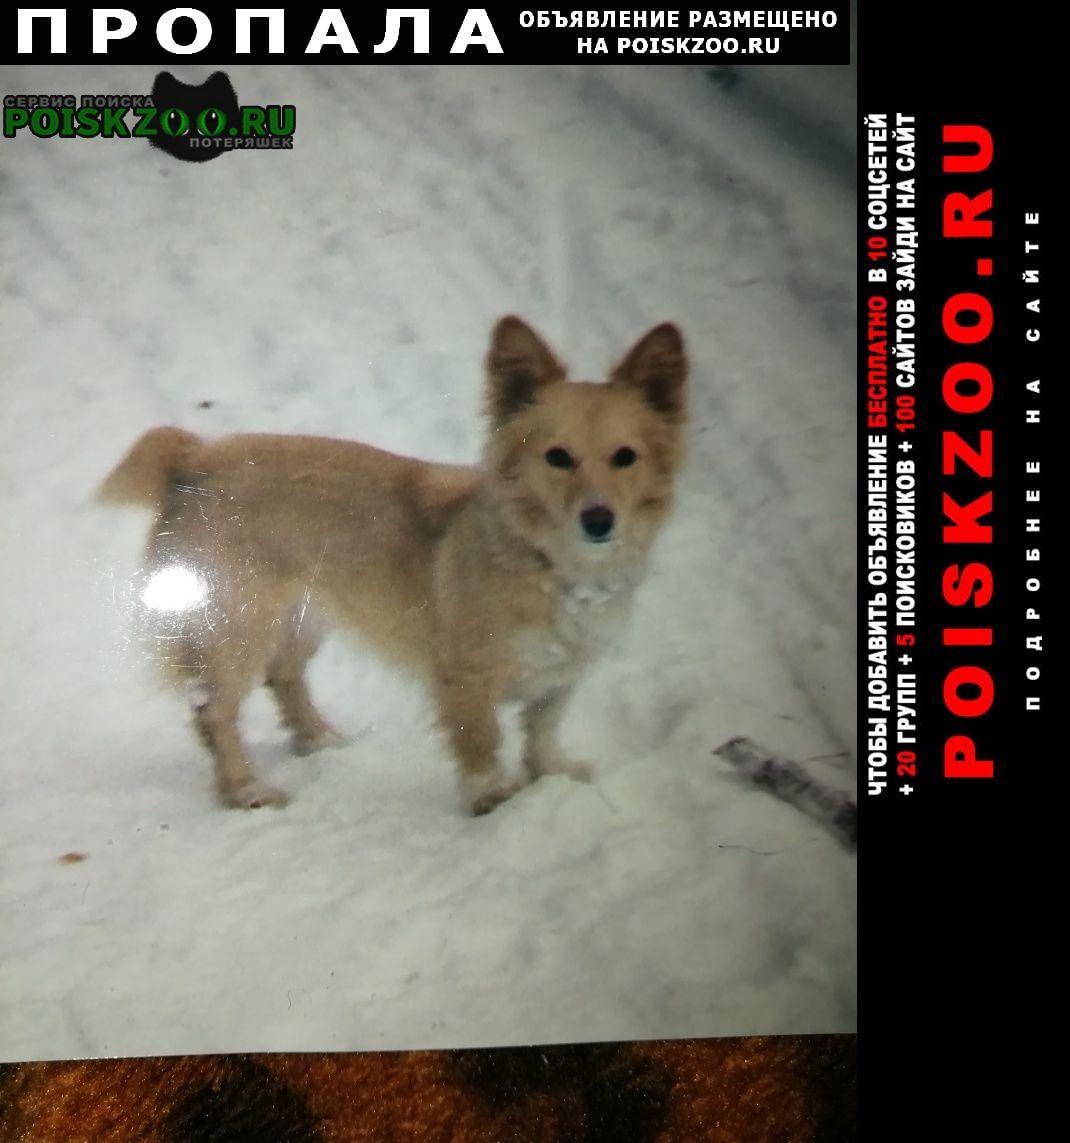 Пропала собака Ульяновск